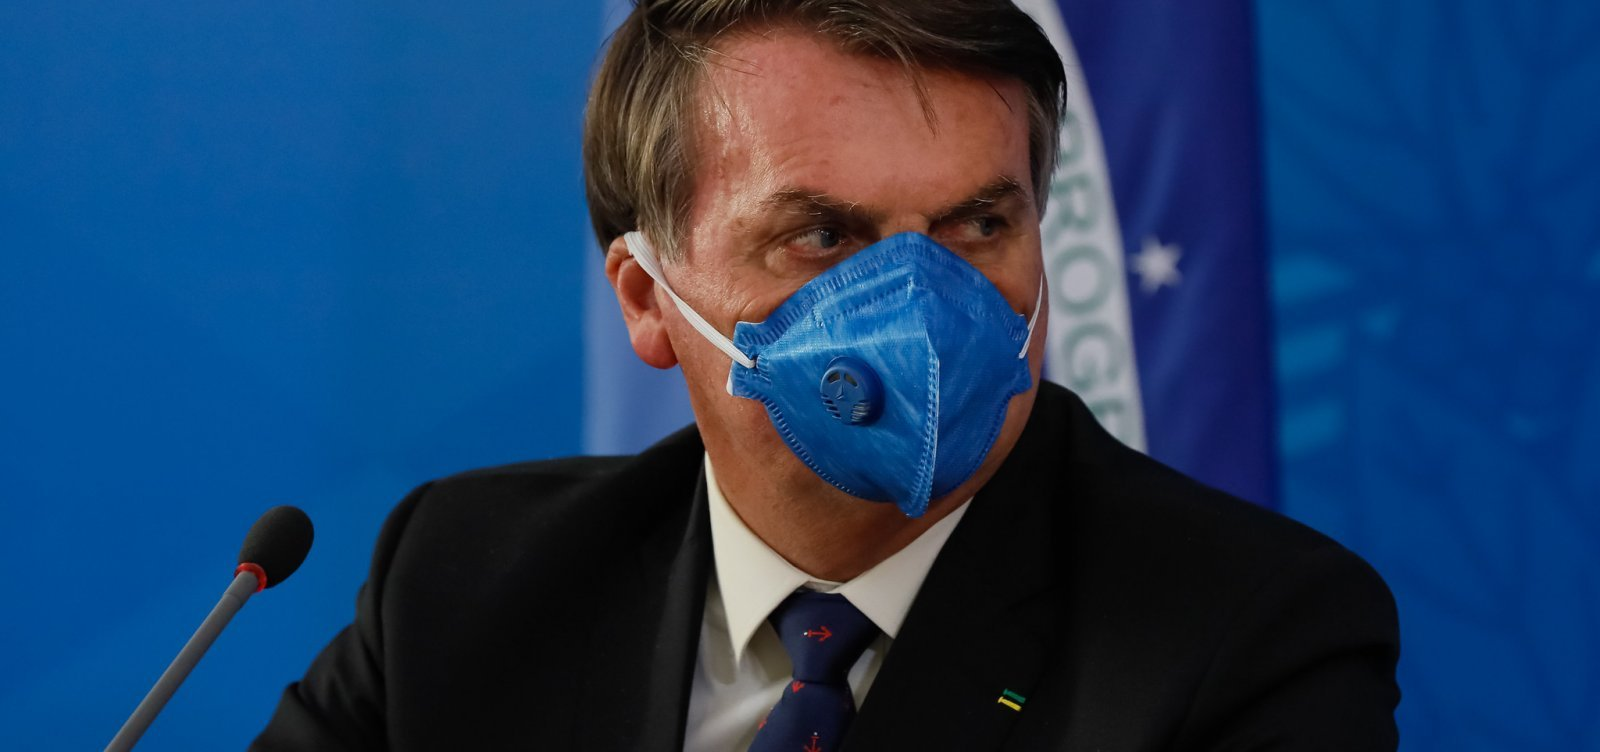 Oito apurações preliminares da PGR analisam conduta de Bolsonaro na pandemia